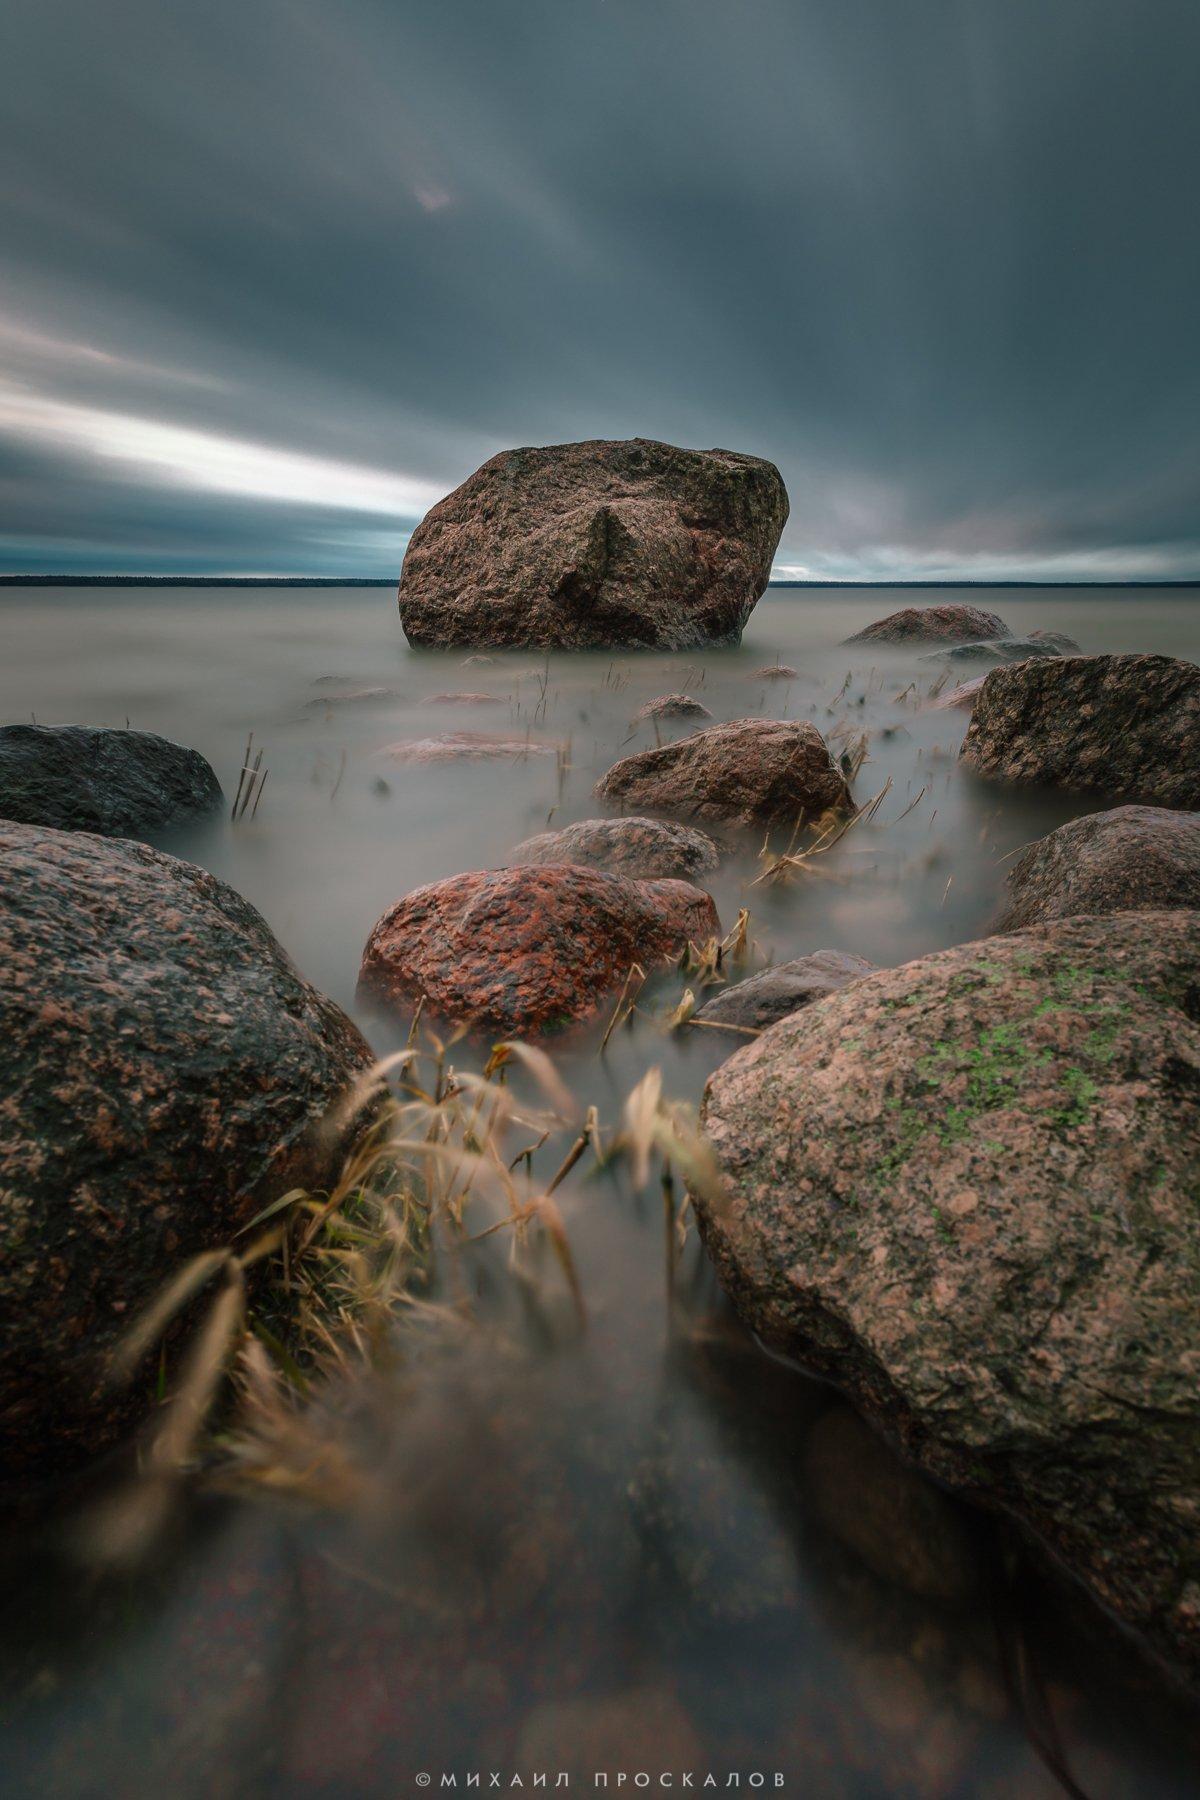 Природа, пейзаж, камни, длинная выдержка, Михаил